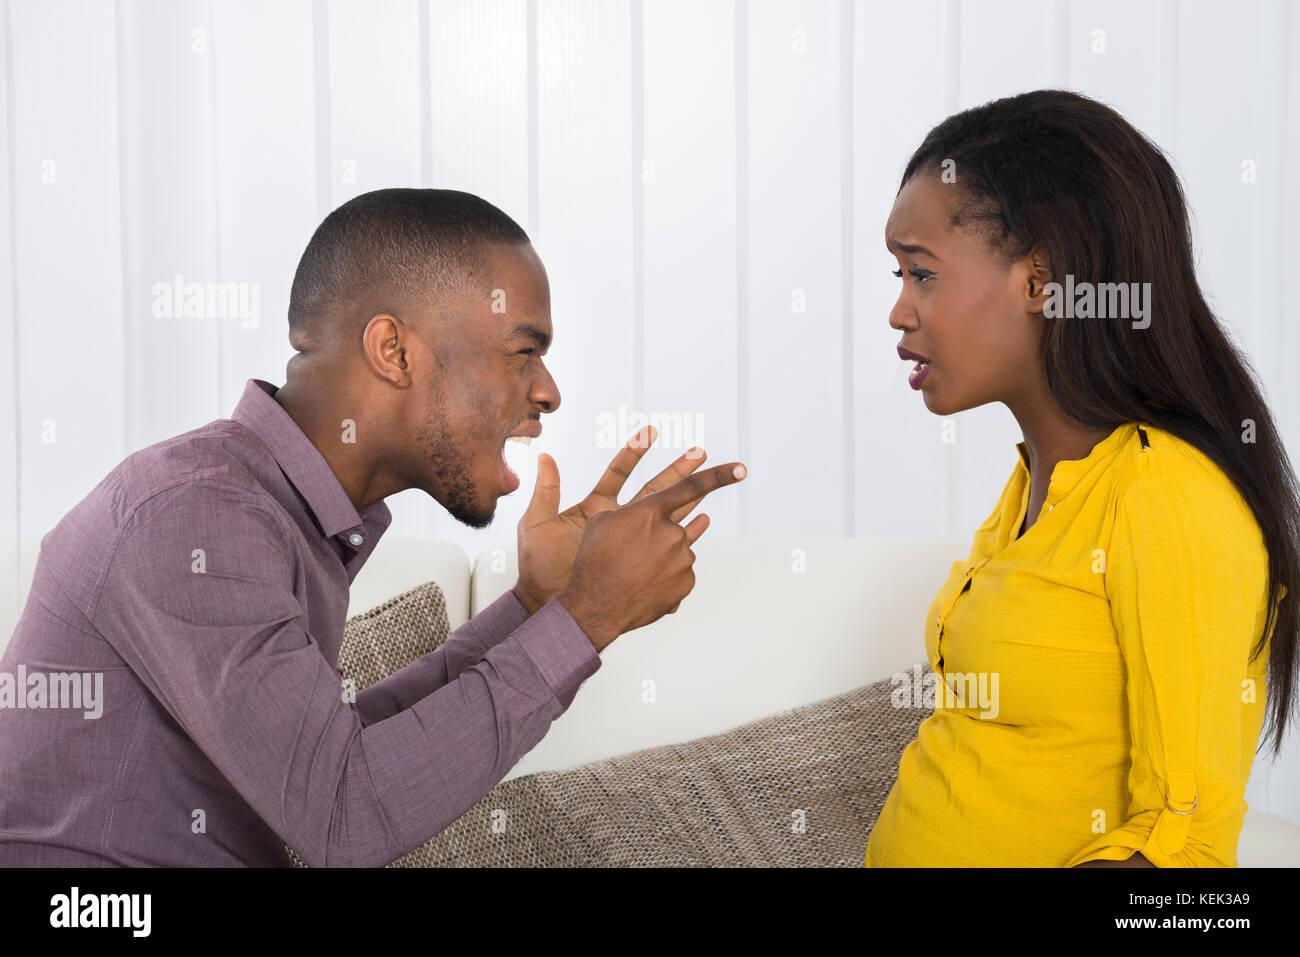 Arrabbiato giovane africano urlando al donna Immagini Stock